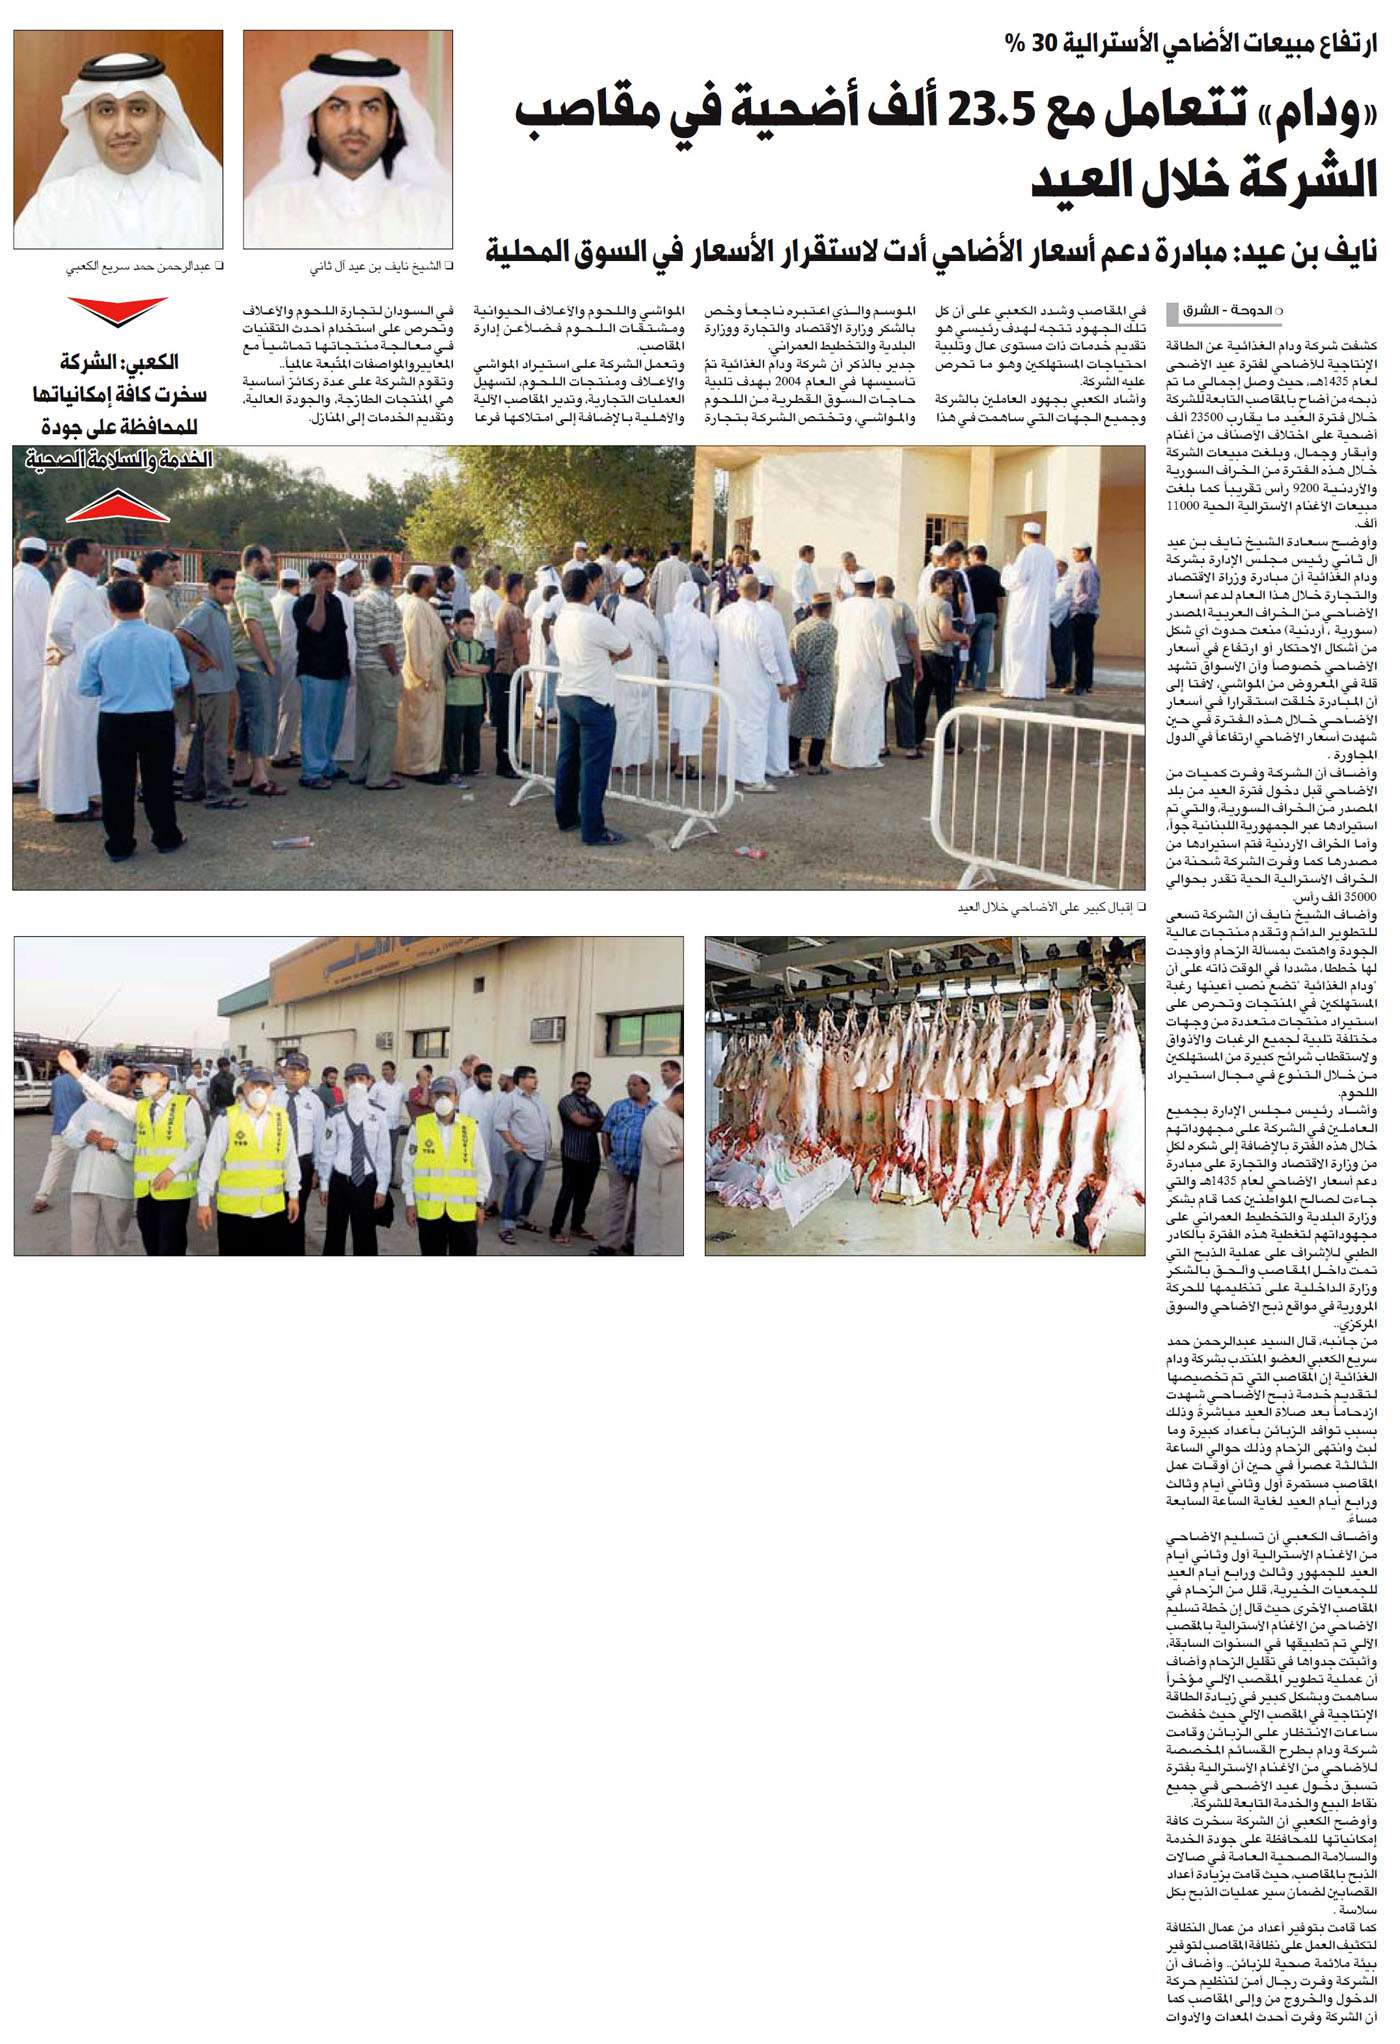 جريدة الشرق_ 2014/10/14